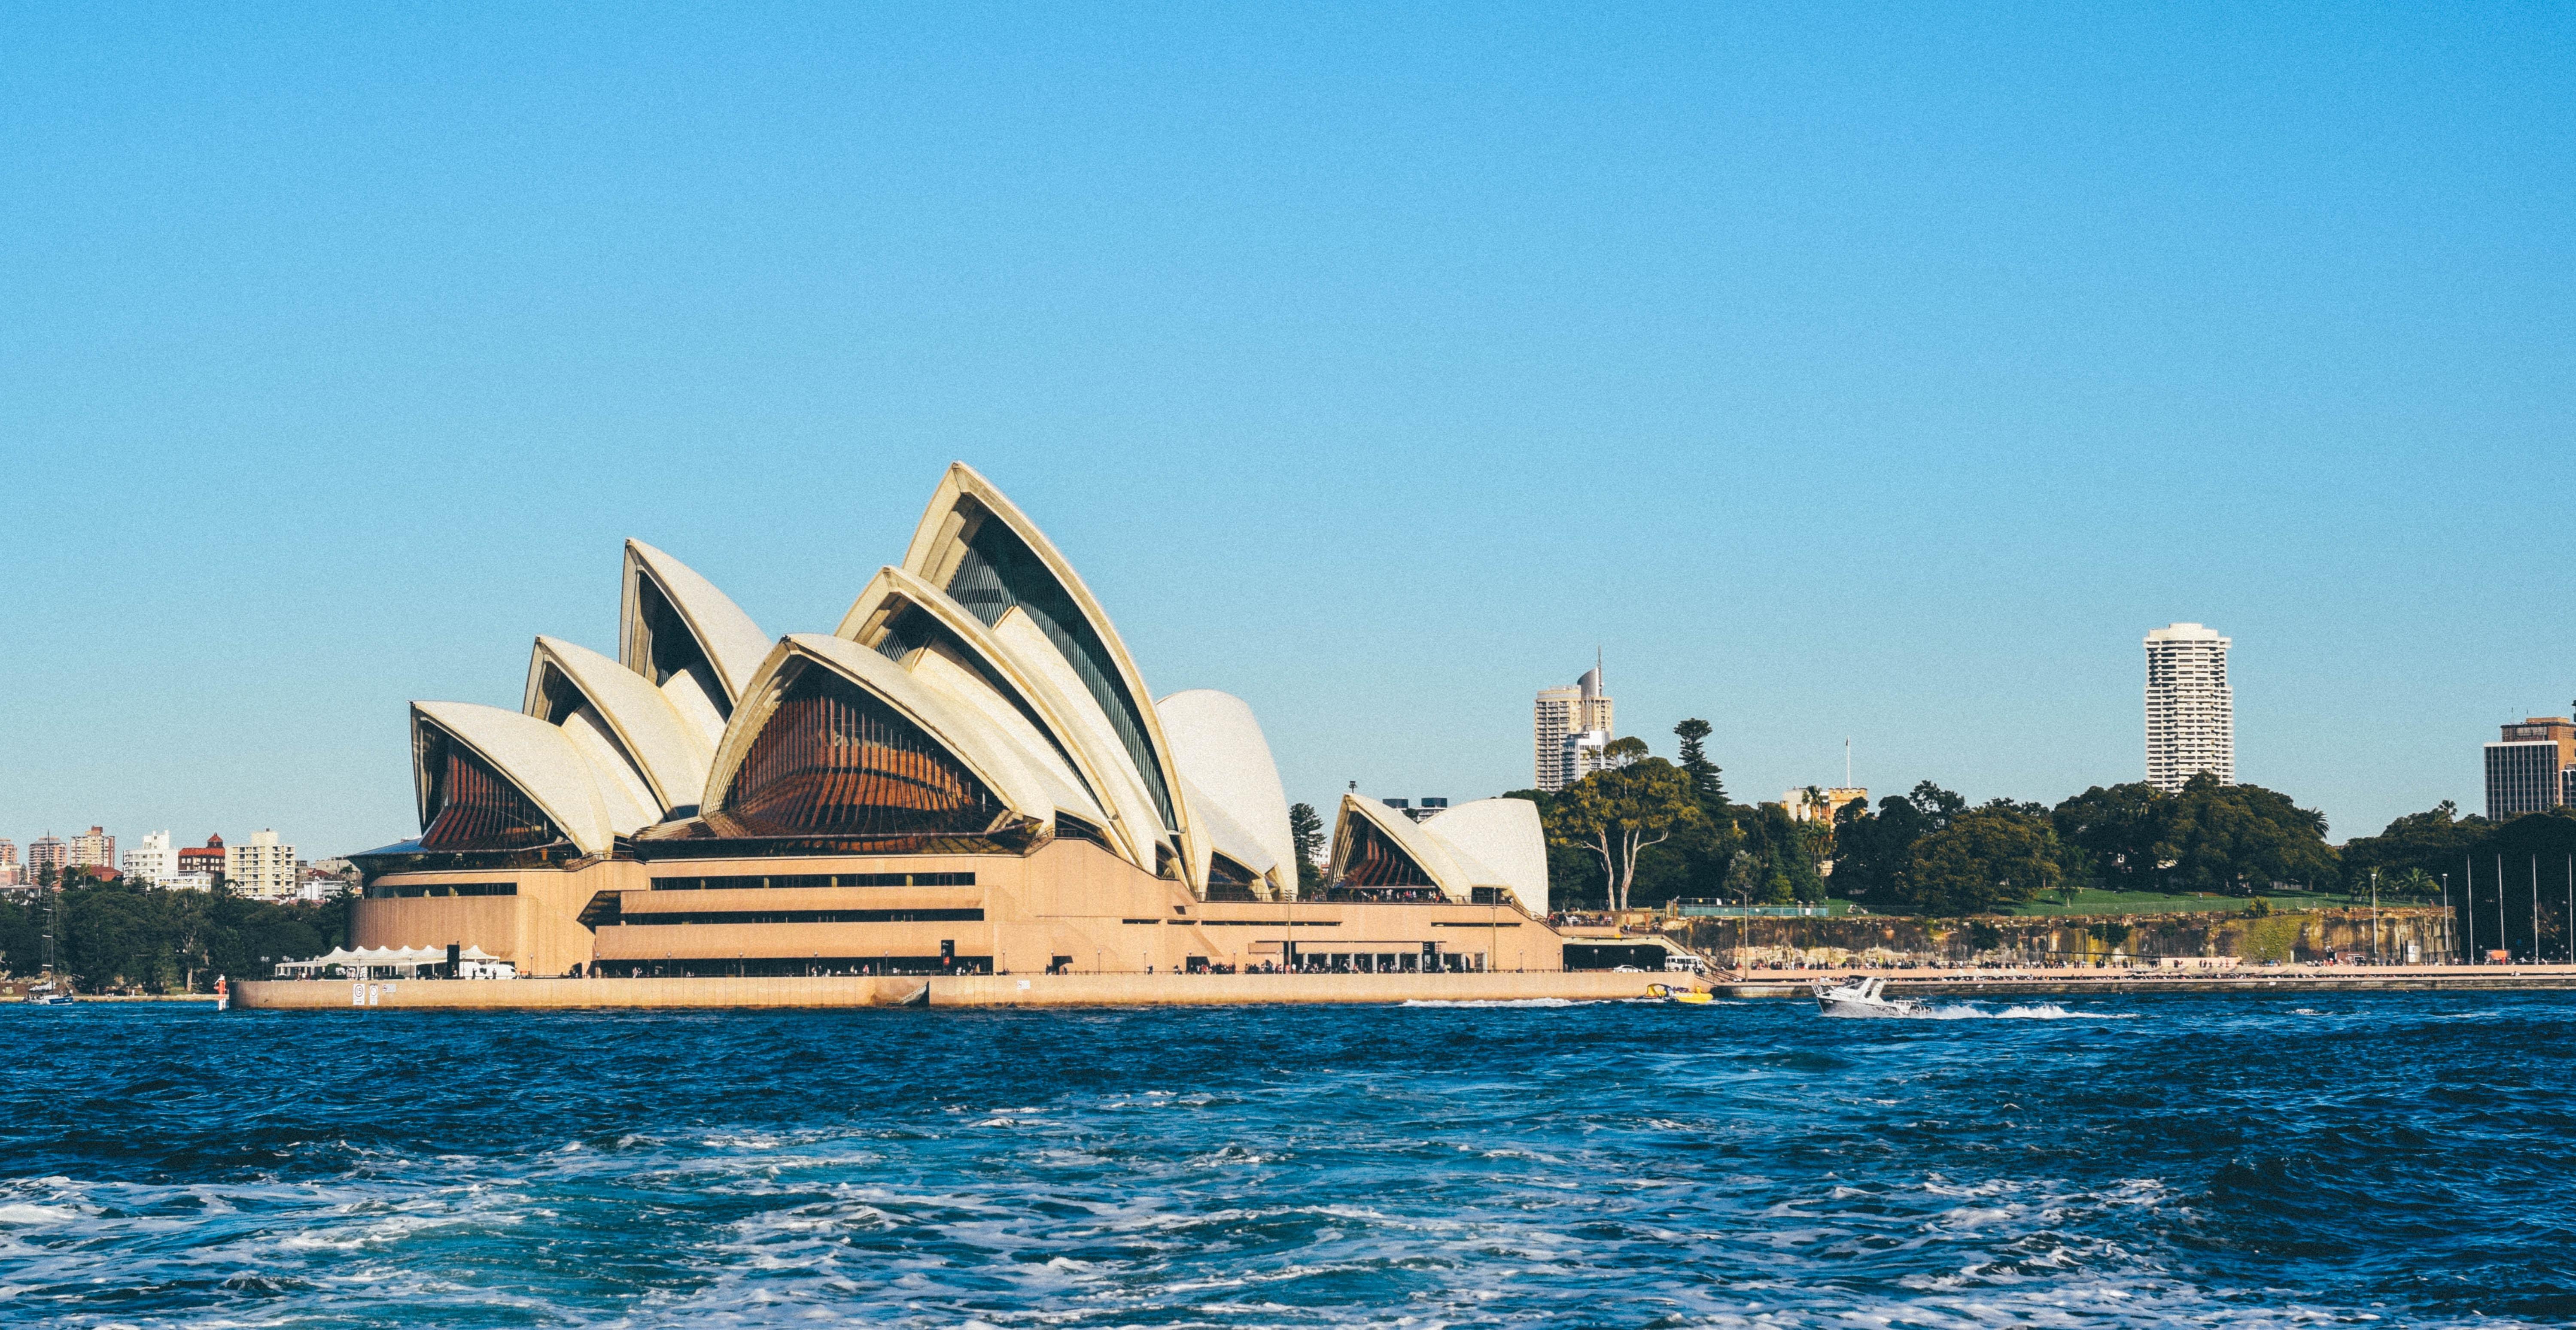 シドニーのオペラハウスは観光に外せない!ツアーでも大人気の魅力は?